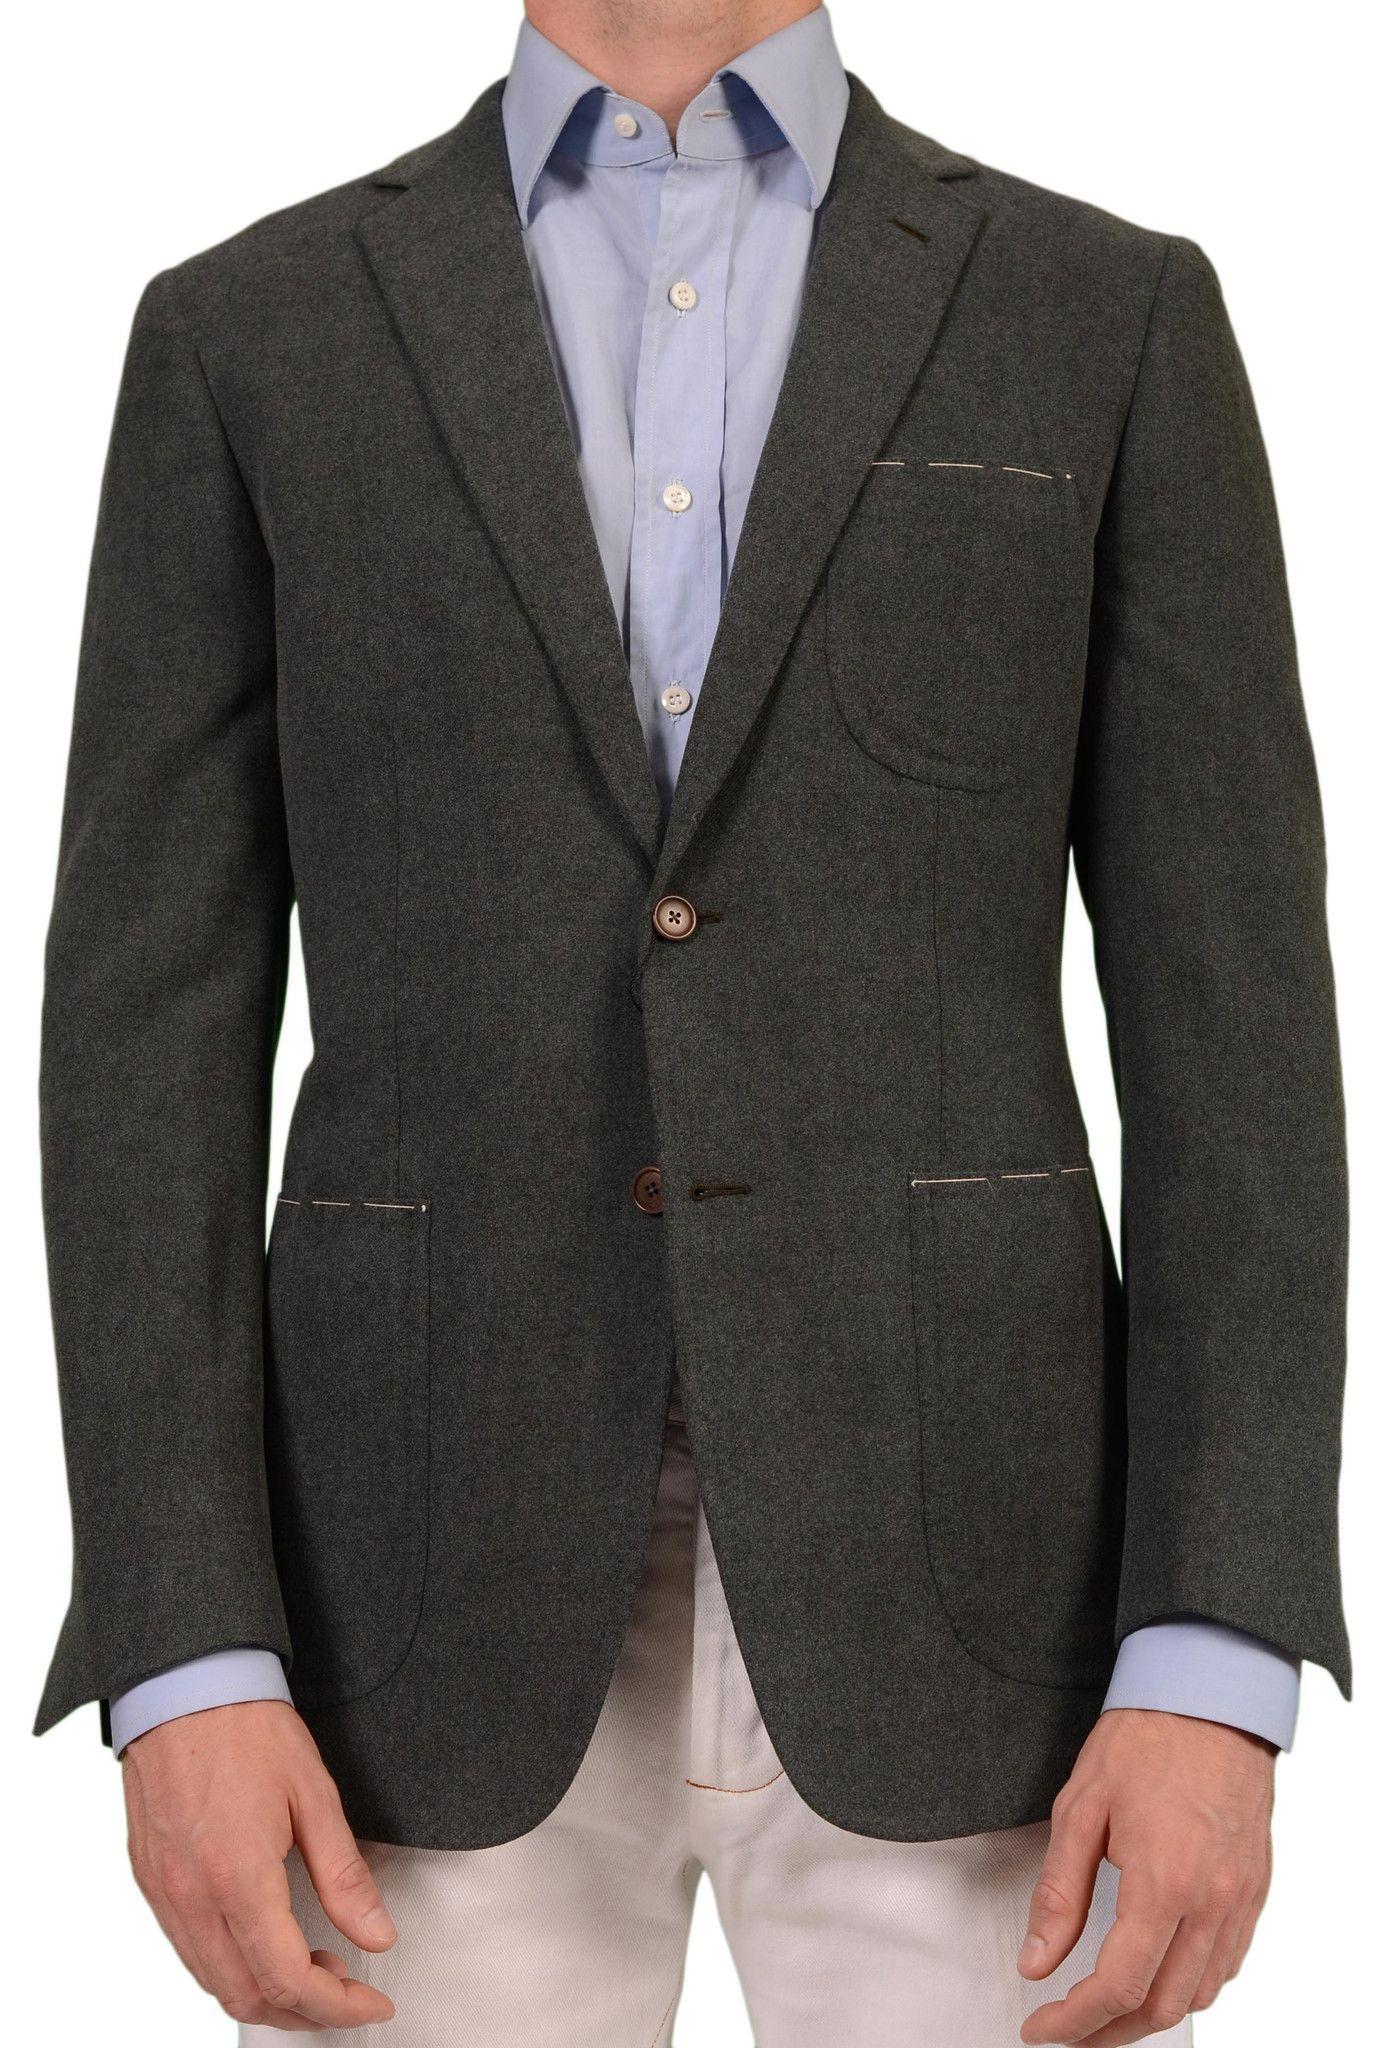 Wool cashmere flannel jacket  Sartoria PARTENOPEA Hand Made Green WoolCashmere Flannel Jacket